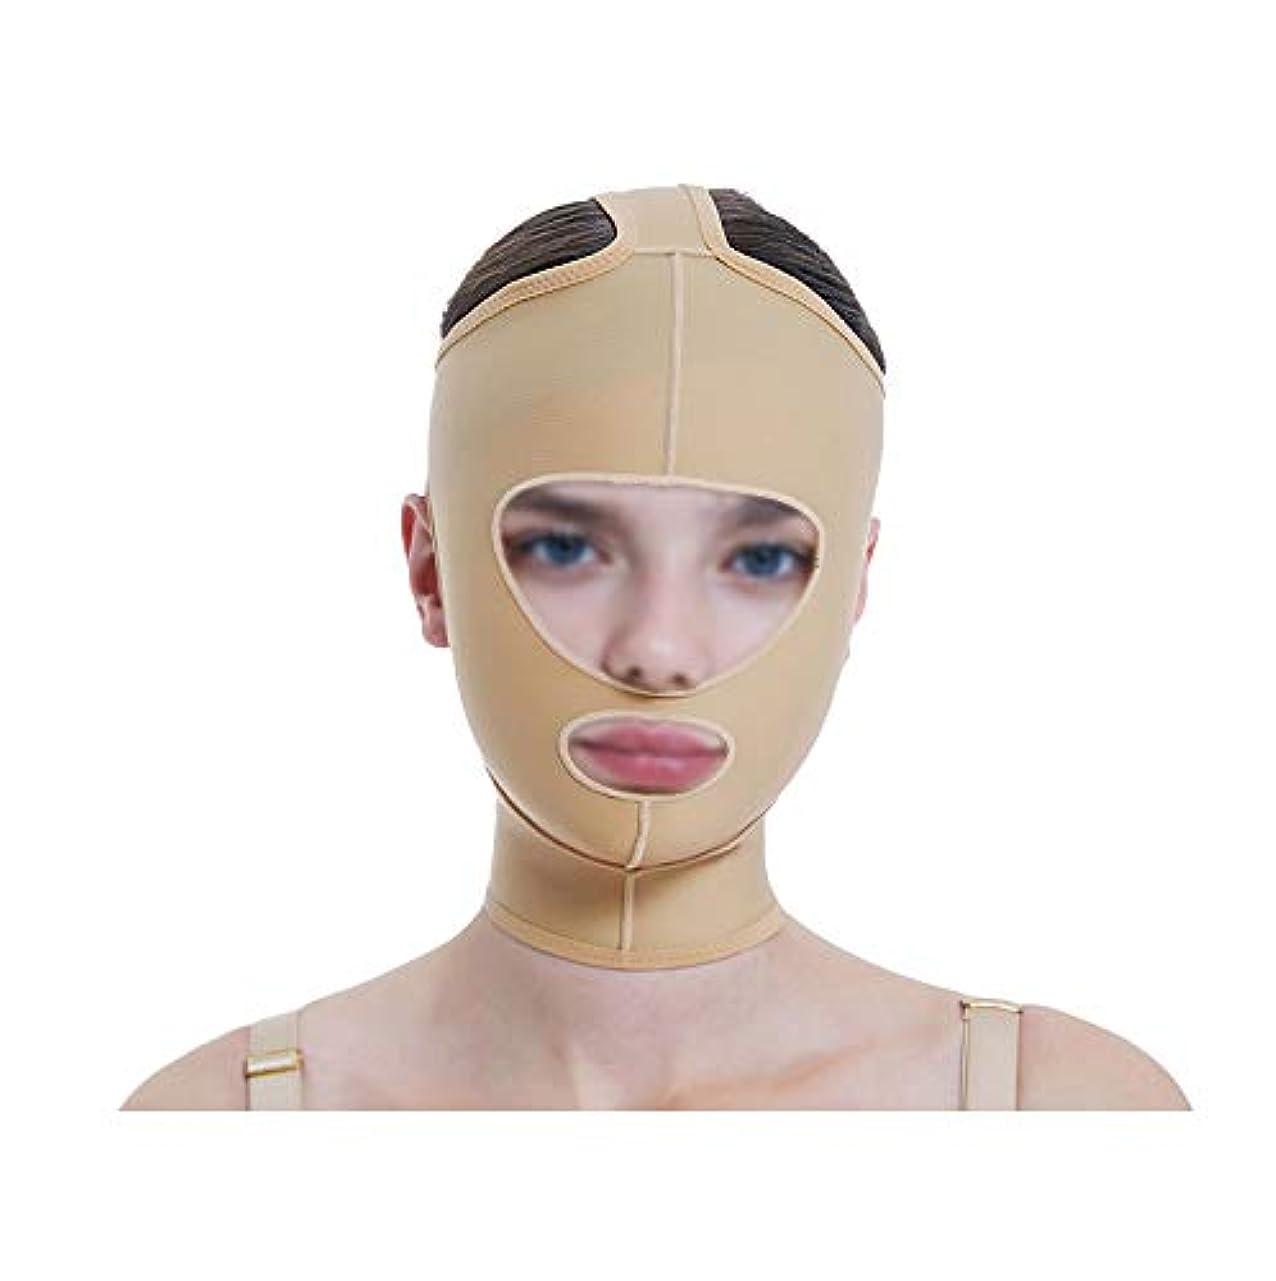 アスペクトドループプログレッシブTLMY 顔と首のリフト痩身マスクの顔の彫刻の顔の弾性スーツ薄い二重あごのアーティファクトV顔のビーム表面 顔用整形マスク (Size : S)